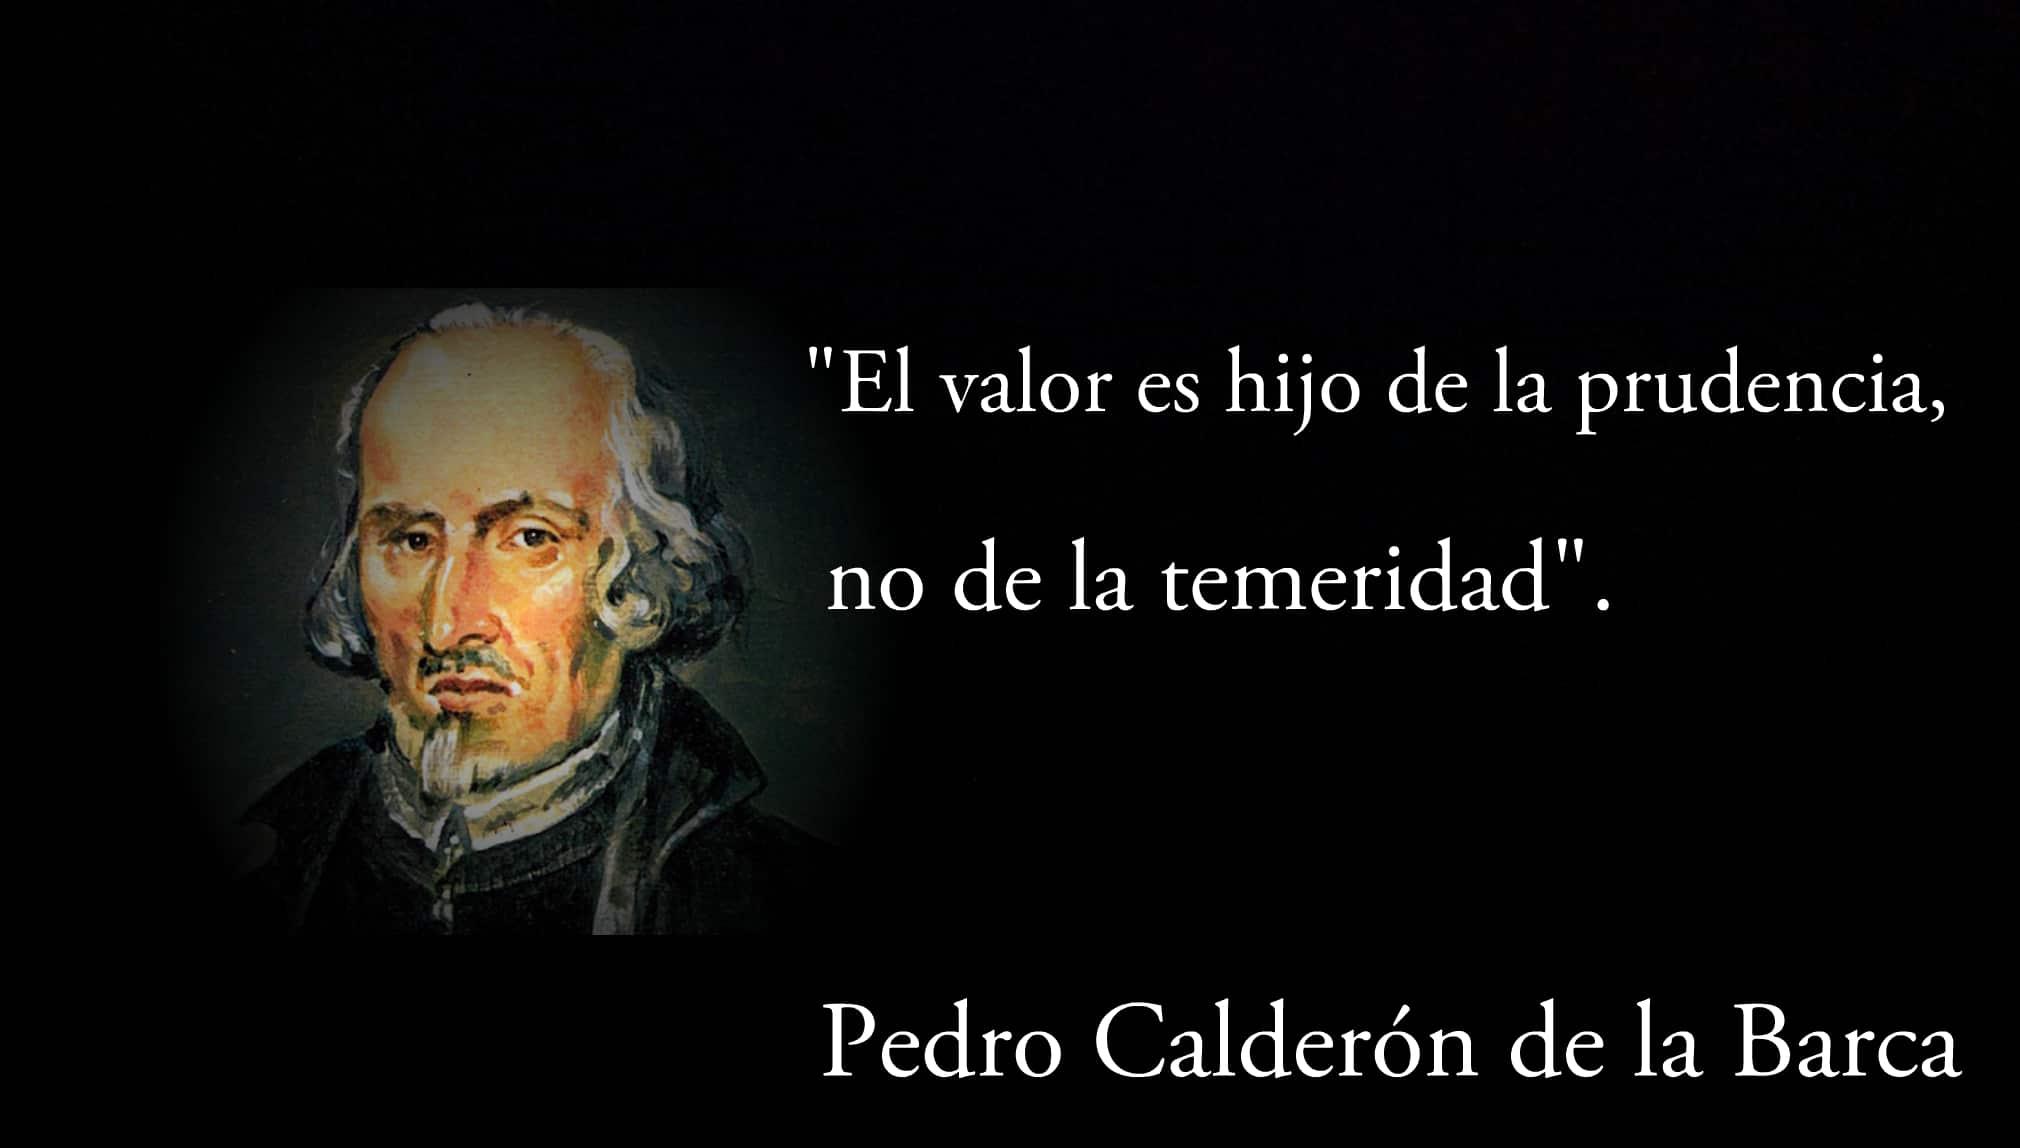 Frase de Pedro Calderón de la Barca.